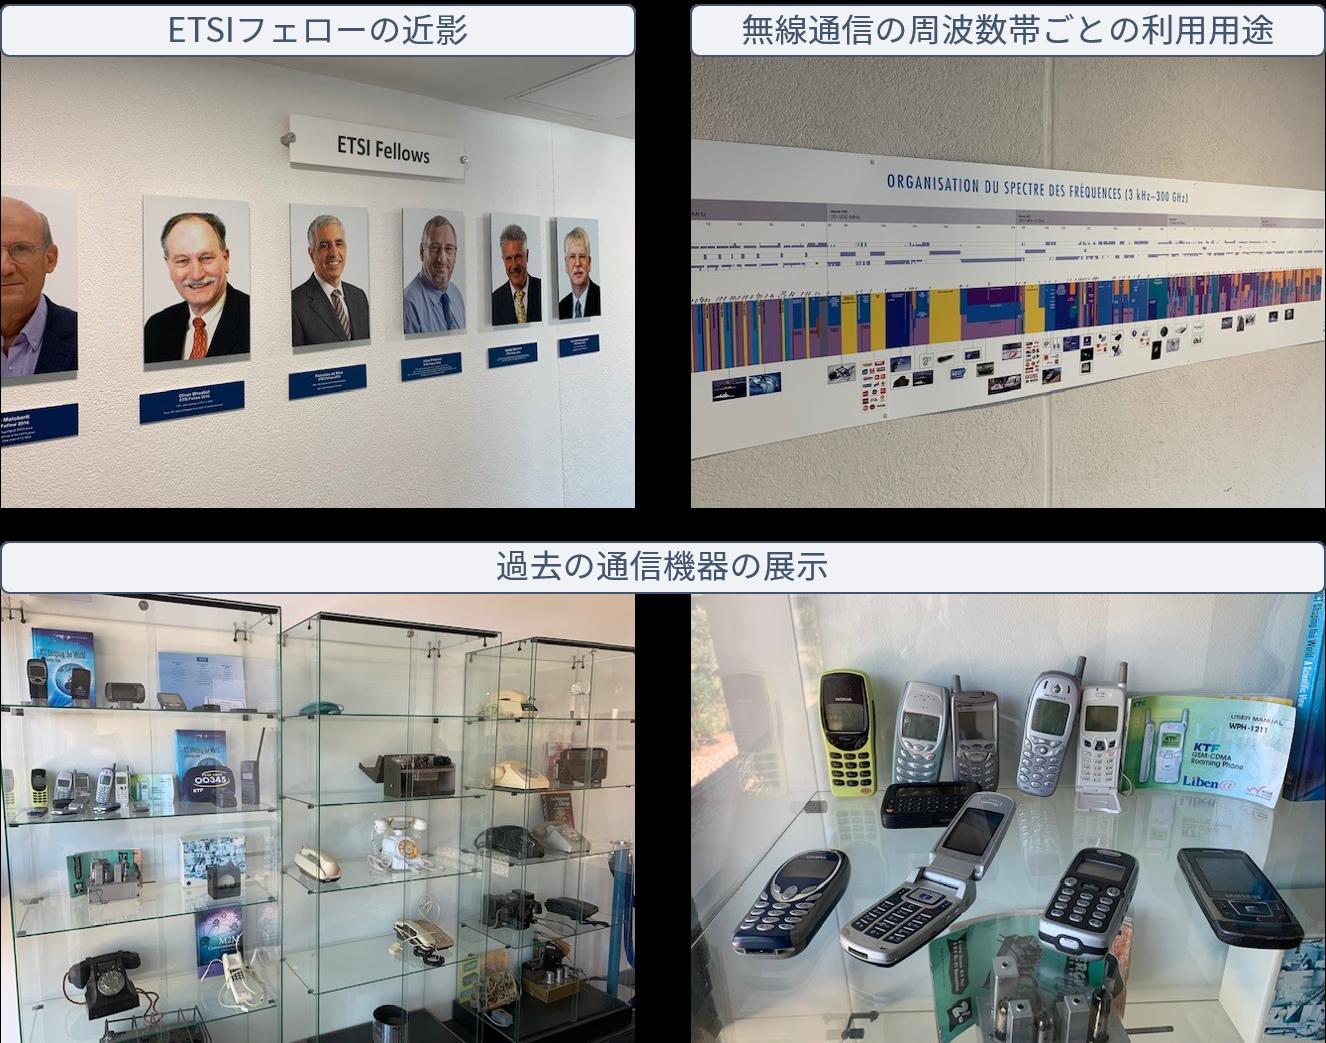 ETSI内の展示物